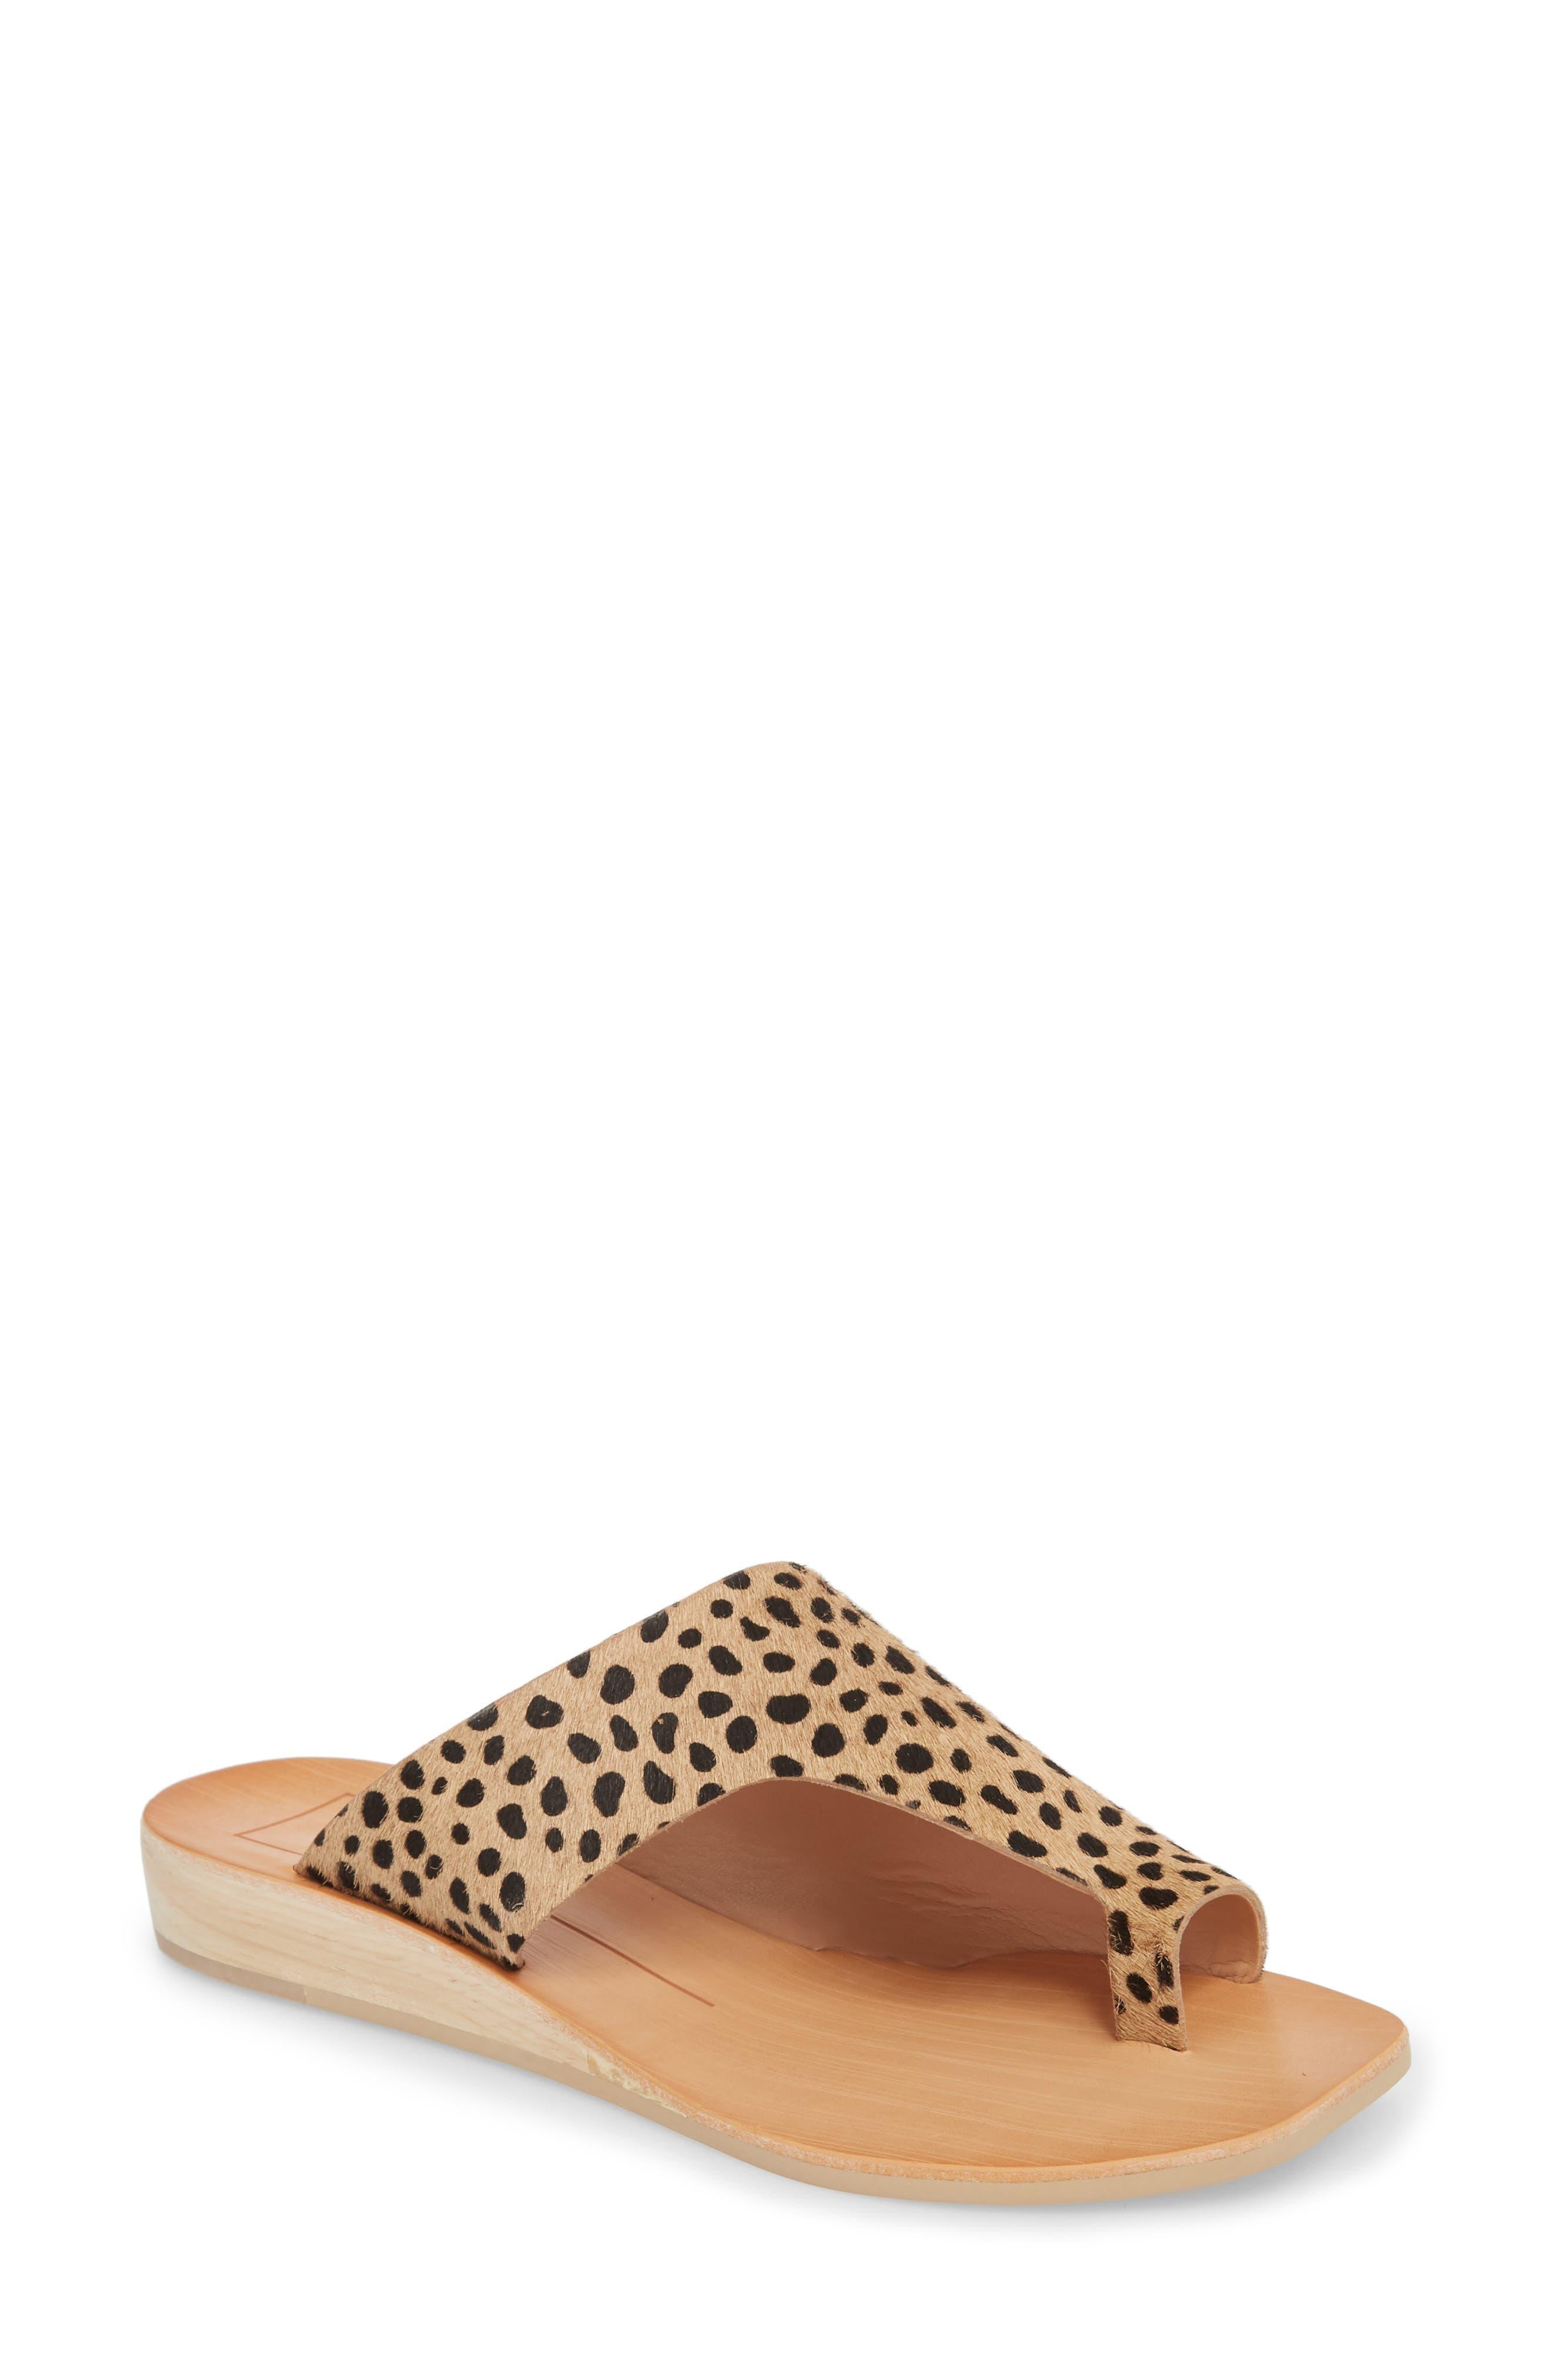 Hazle Asymmetrical Toe Loop Sandal,                             Main thumbnail 3, color,